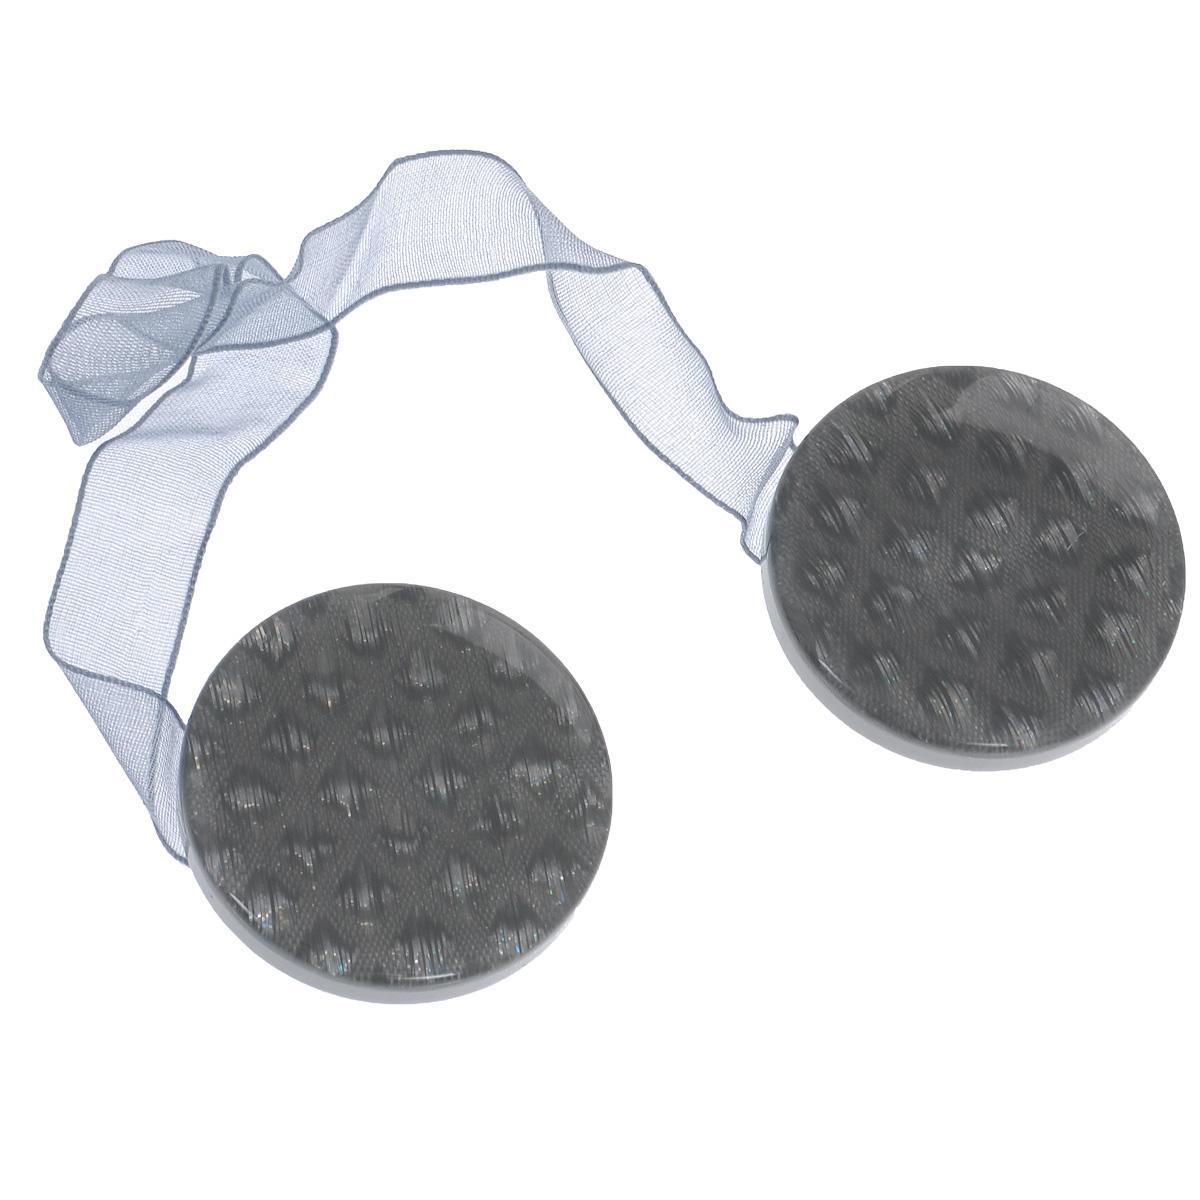 Клипса-магнит для штор Calamita Fiore, цвет: серый. 7704005_72680653Клипса-магнит Calamita Fiore, изготовленная из пластика, предназначена для придания формы шторам. Изделие представляет собой два магнита круглой формы, расположенные на разных концах текстильной ленты. С помощью такой магнитной клипсы можно зафиксировать портьеры, придать им требуемое положение, сделать складки симметричными или приблизить портьеры, скрепить их. Клипсы для штор являются универсальным изделием, которое превосходно подойдет как для штор в детской комнате, так и для штор в гостиной. Следует отметить, что клипсы для штор выполняют не только практическую функцию, но также являются одной из основных деталей декора этого изделия, которая придает шторам восхитительный, стильный внешний вид.Диаметр клипсы: 4 см.Длина ленты: 28 см.